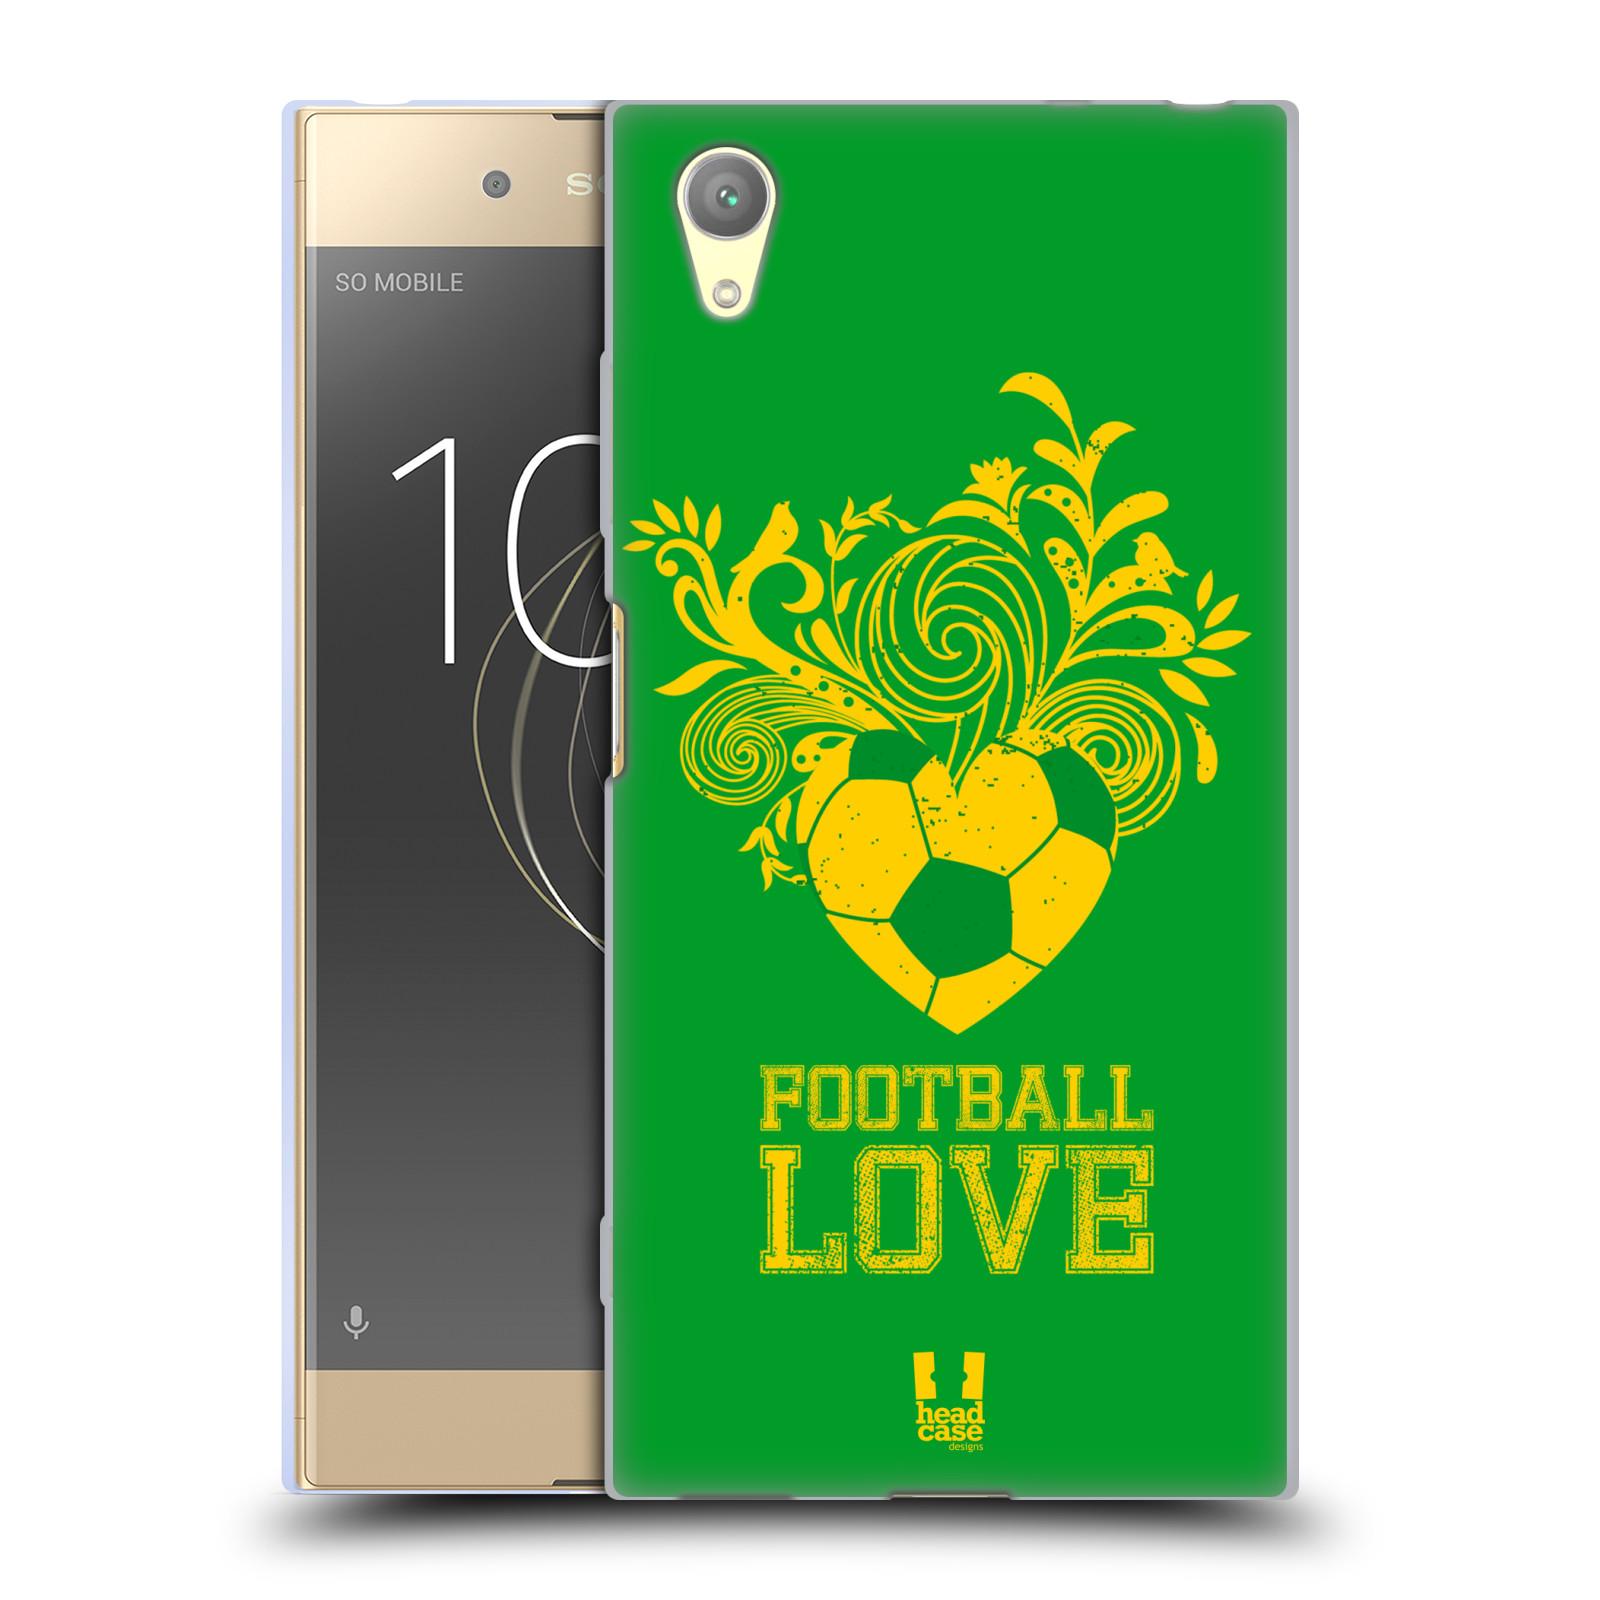 HEAD CASE silikonový obal na mobil Sony Xperia XA1 PLUS Sport fotbalová láska zelená barva